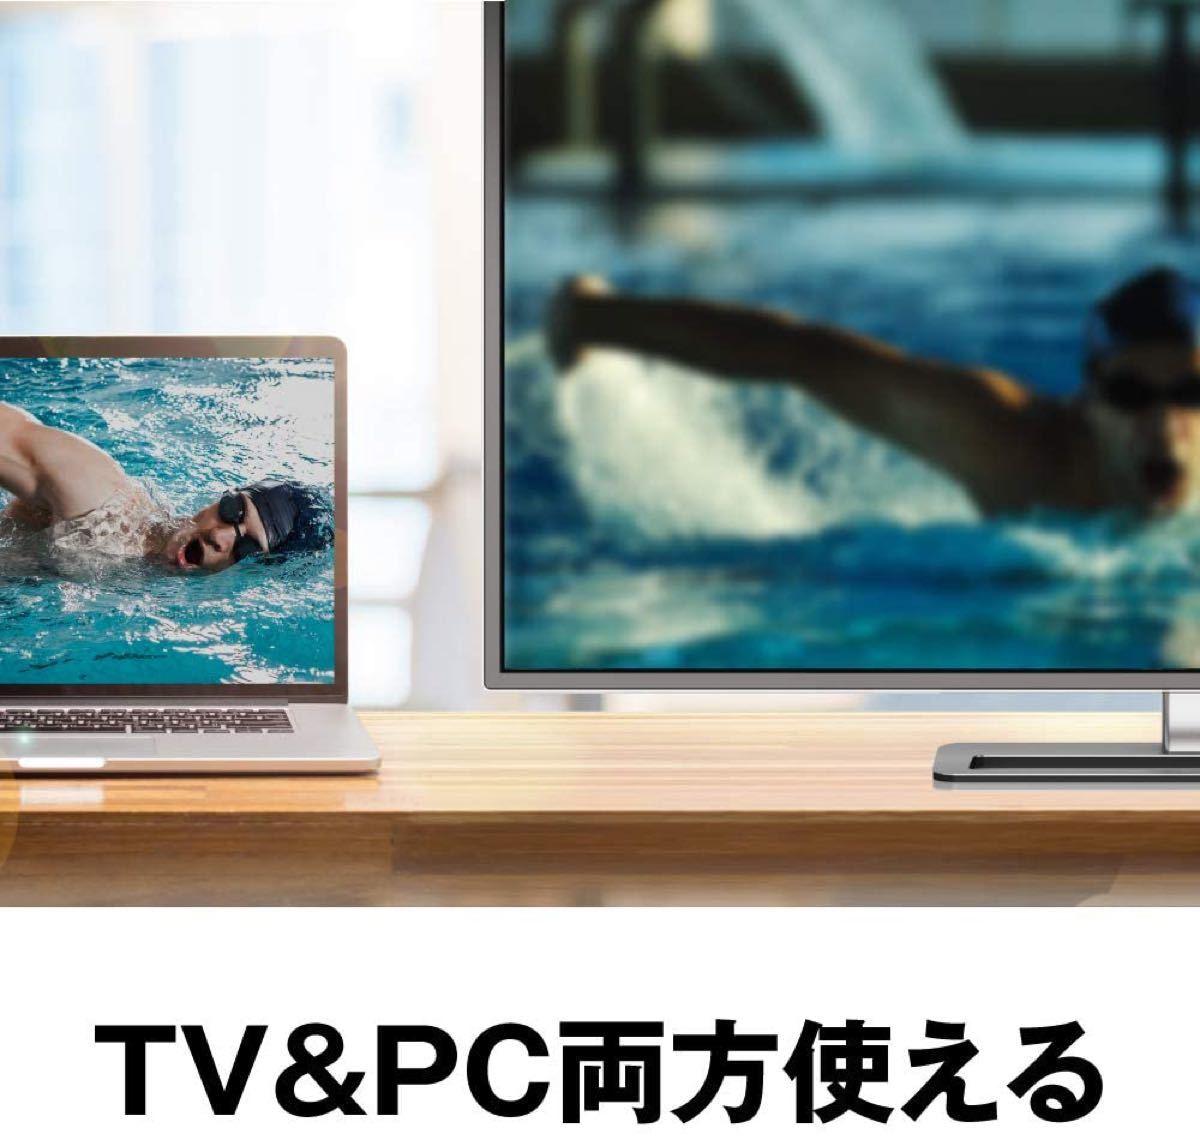 ★美品★BUFFALO 1TB 外付けハードディスク★TV&レコーダー録画/PC(Win/macOS)/PS5対応 縦&横置き対応